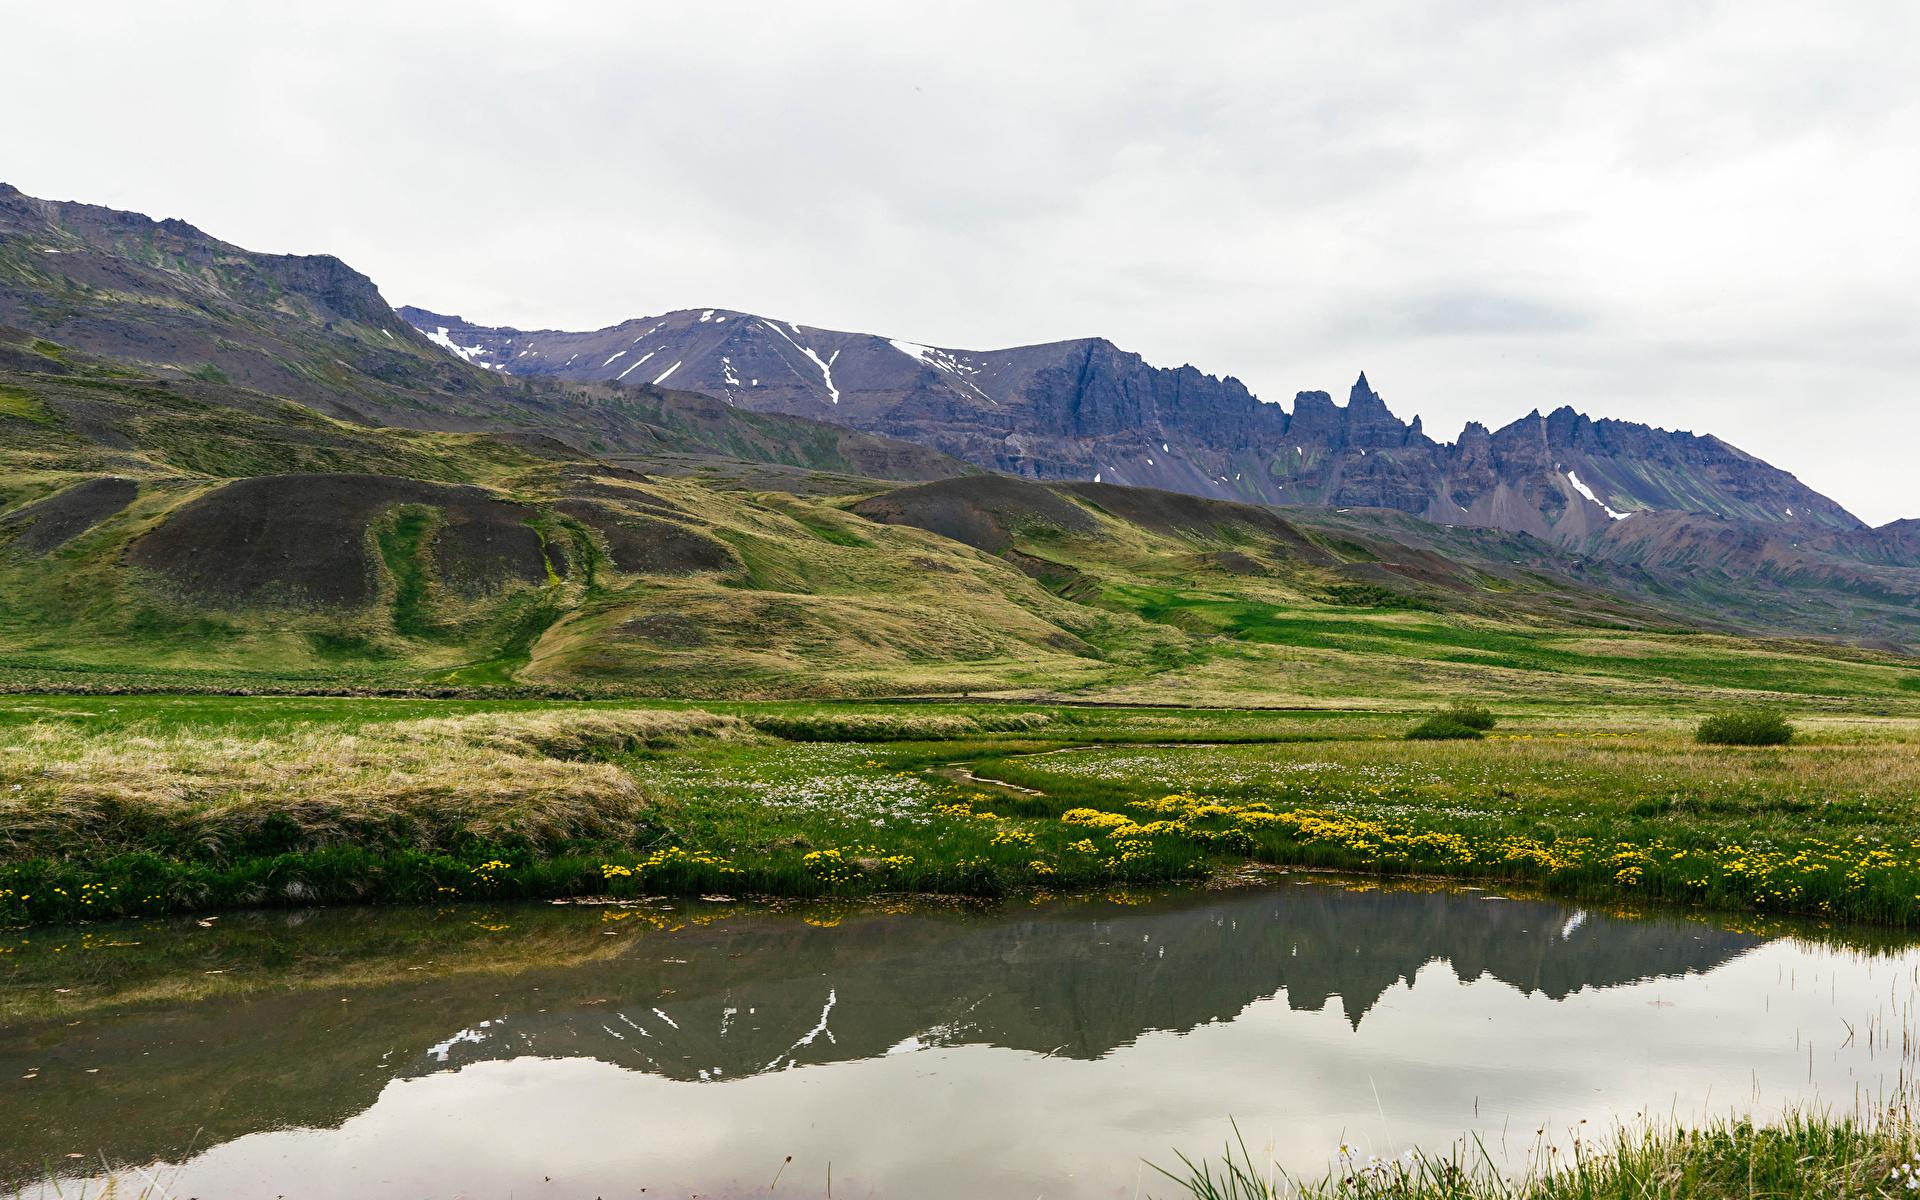 Фотография Исландия Snaefellsnesog Hnappadalssysla гора Природа Озеро Холмы Мох 1920x1200 Горы холм холмов мха мхом